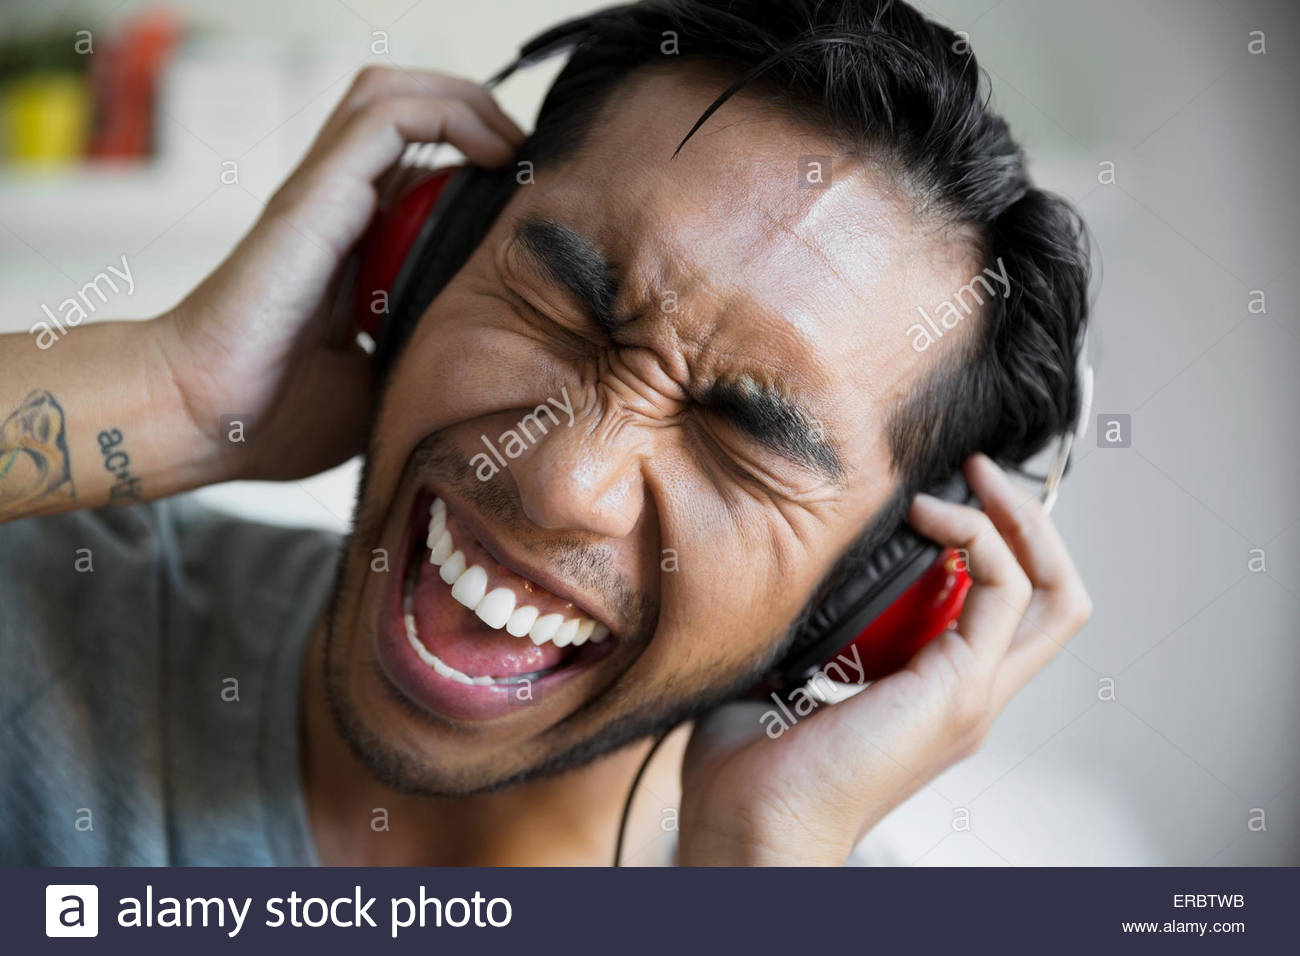 Hombre entusiasmado escuchando cantar música en auriculares Imagen De Stock